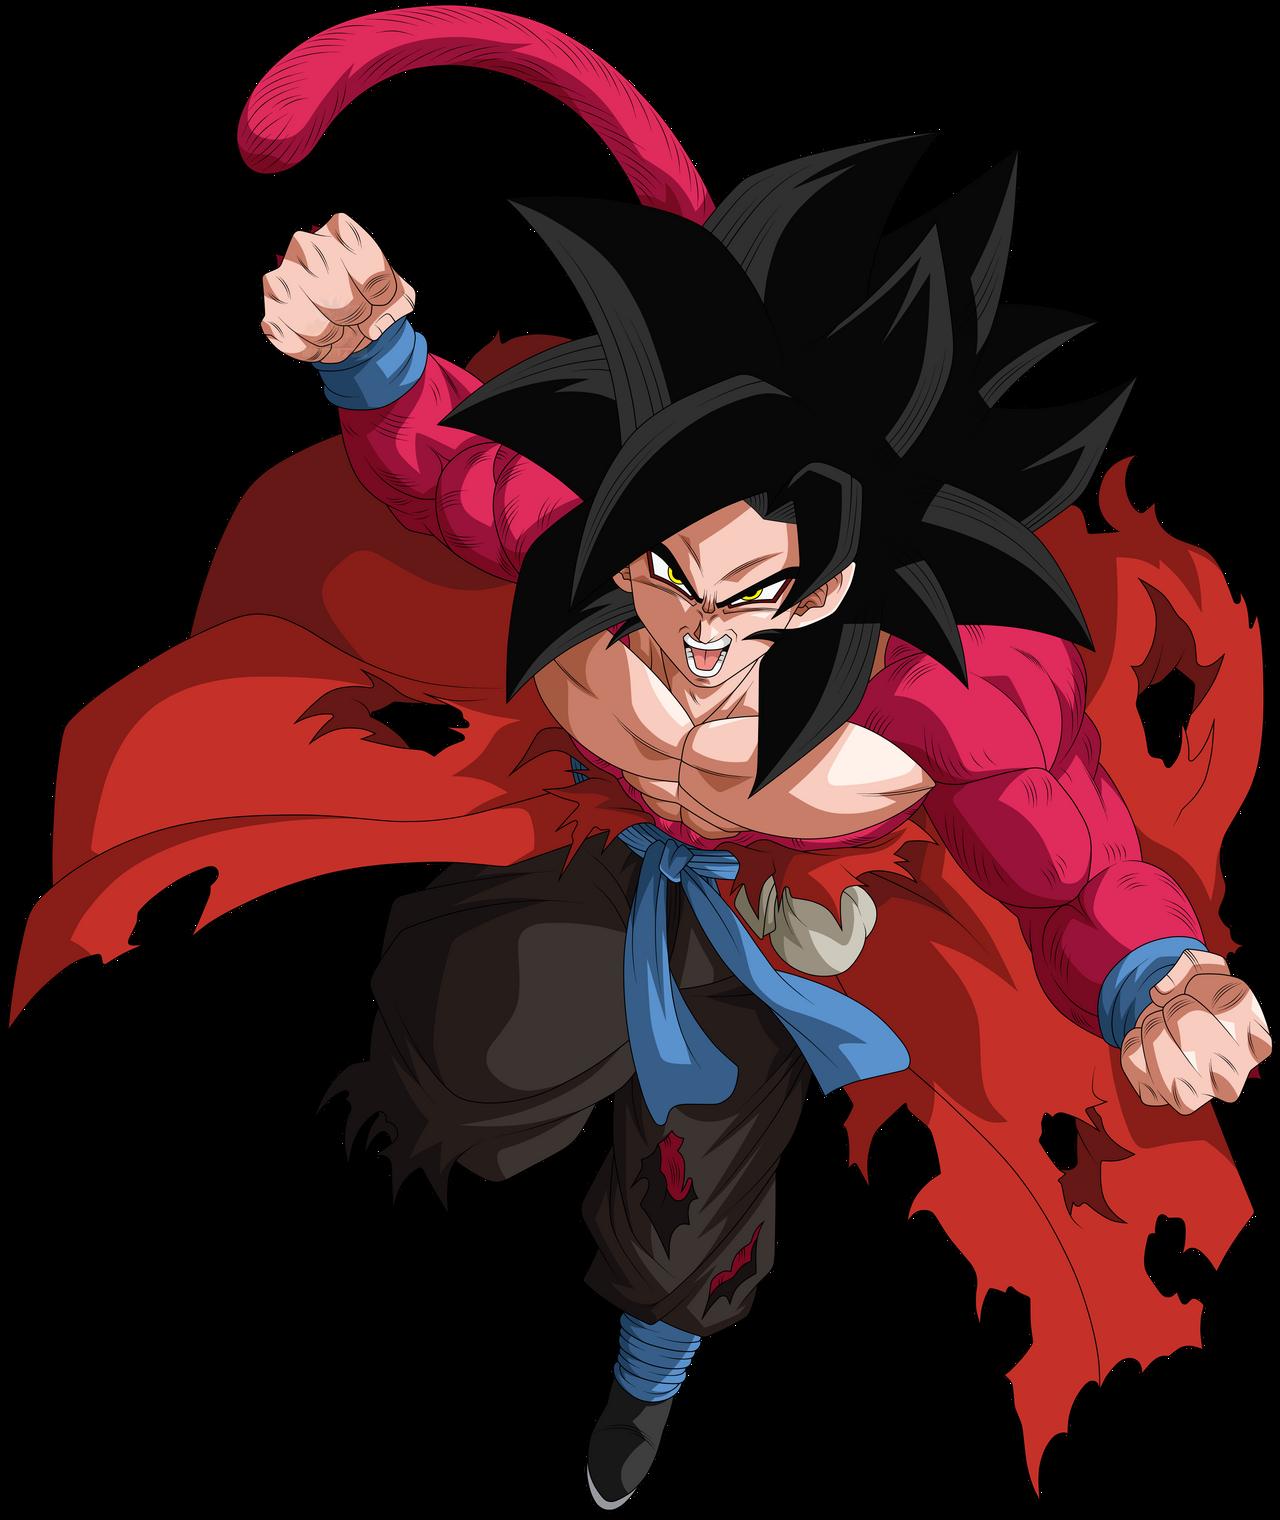 Goku Xeno Super Saiyajin 4 By Arbiter720 On Deviantart Goku Goku Xeno Personajes De Goku